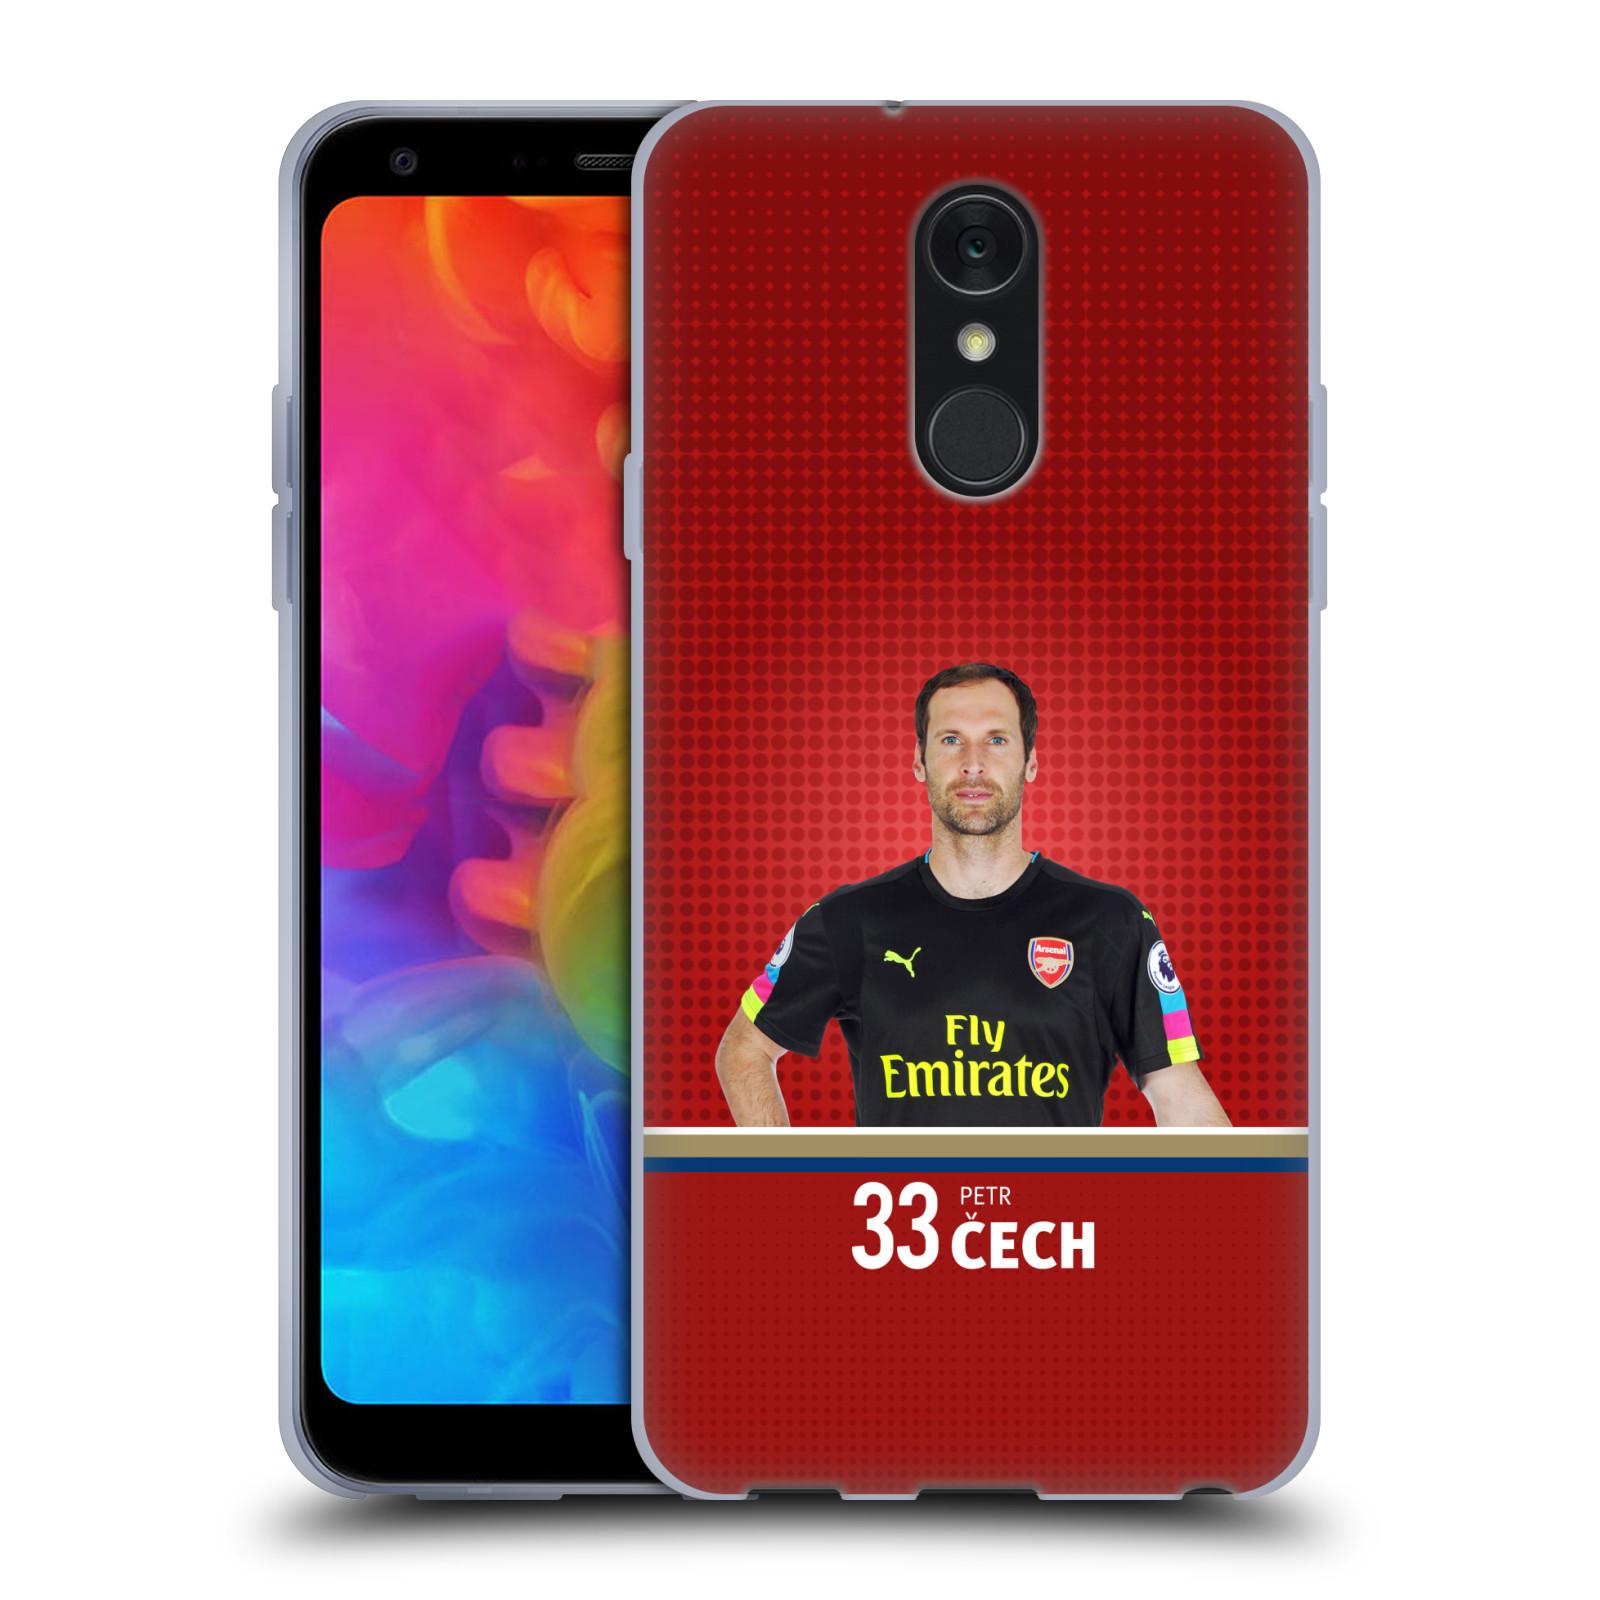 Silikonové pouzdro na mobil LG Q7 - Head Case - Arsenal FC - Petr Čech